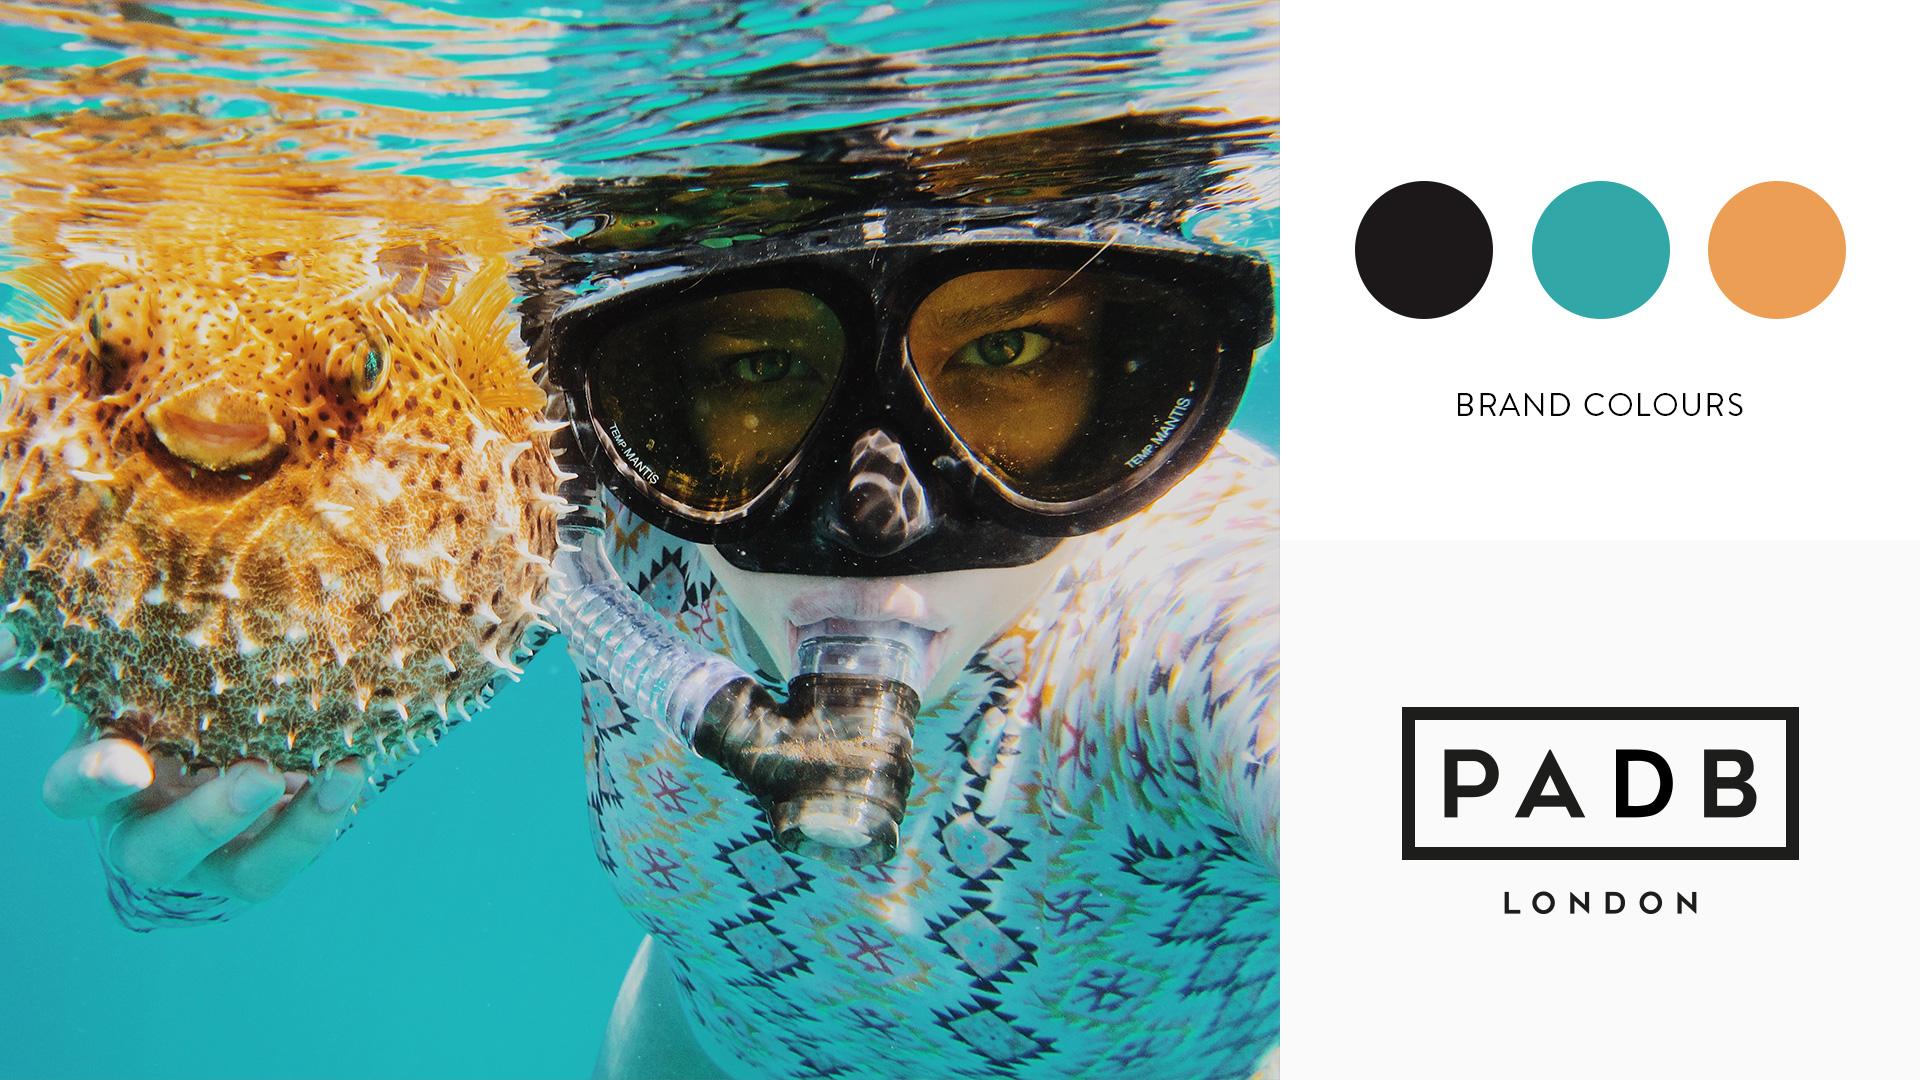 PADB Brand Colourway